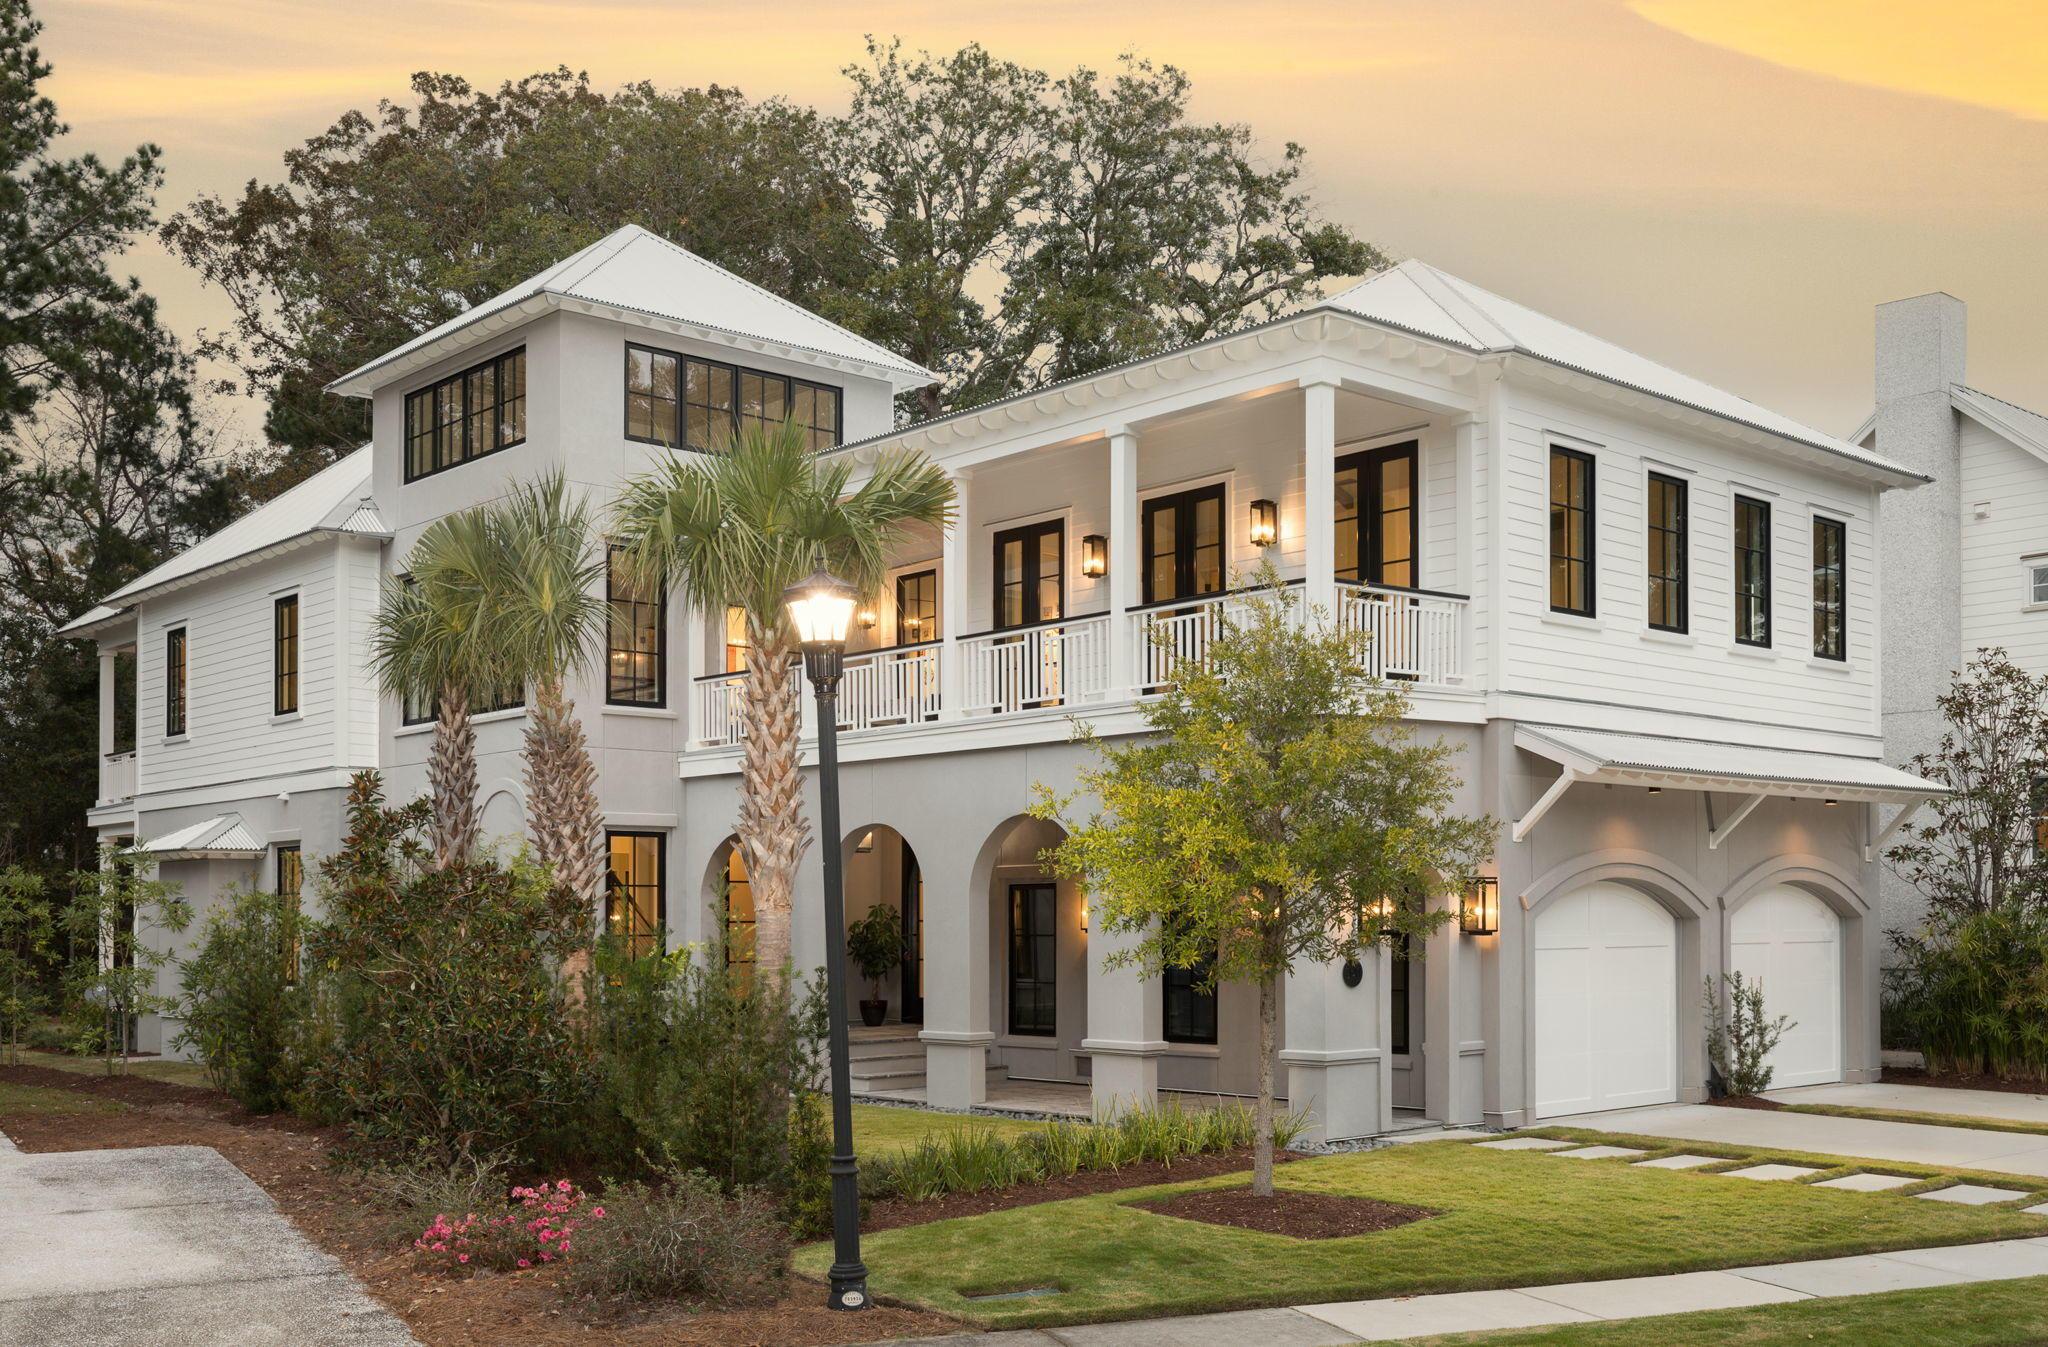 Belle Hall Homes For Sale - 341 Bridgetown Pass, Mount Pleasant, SC - 47